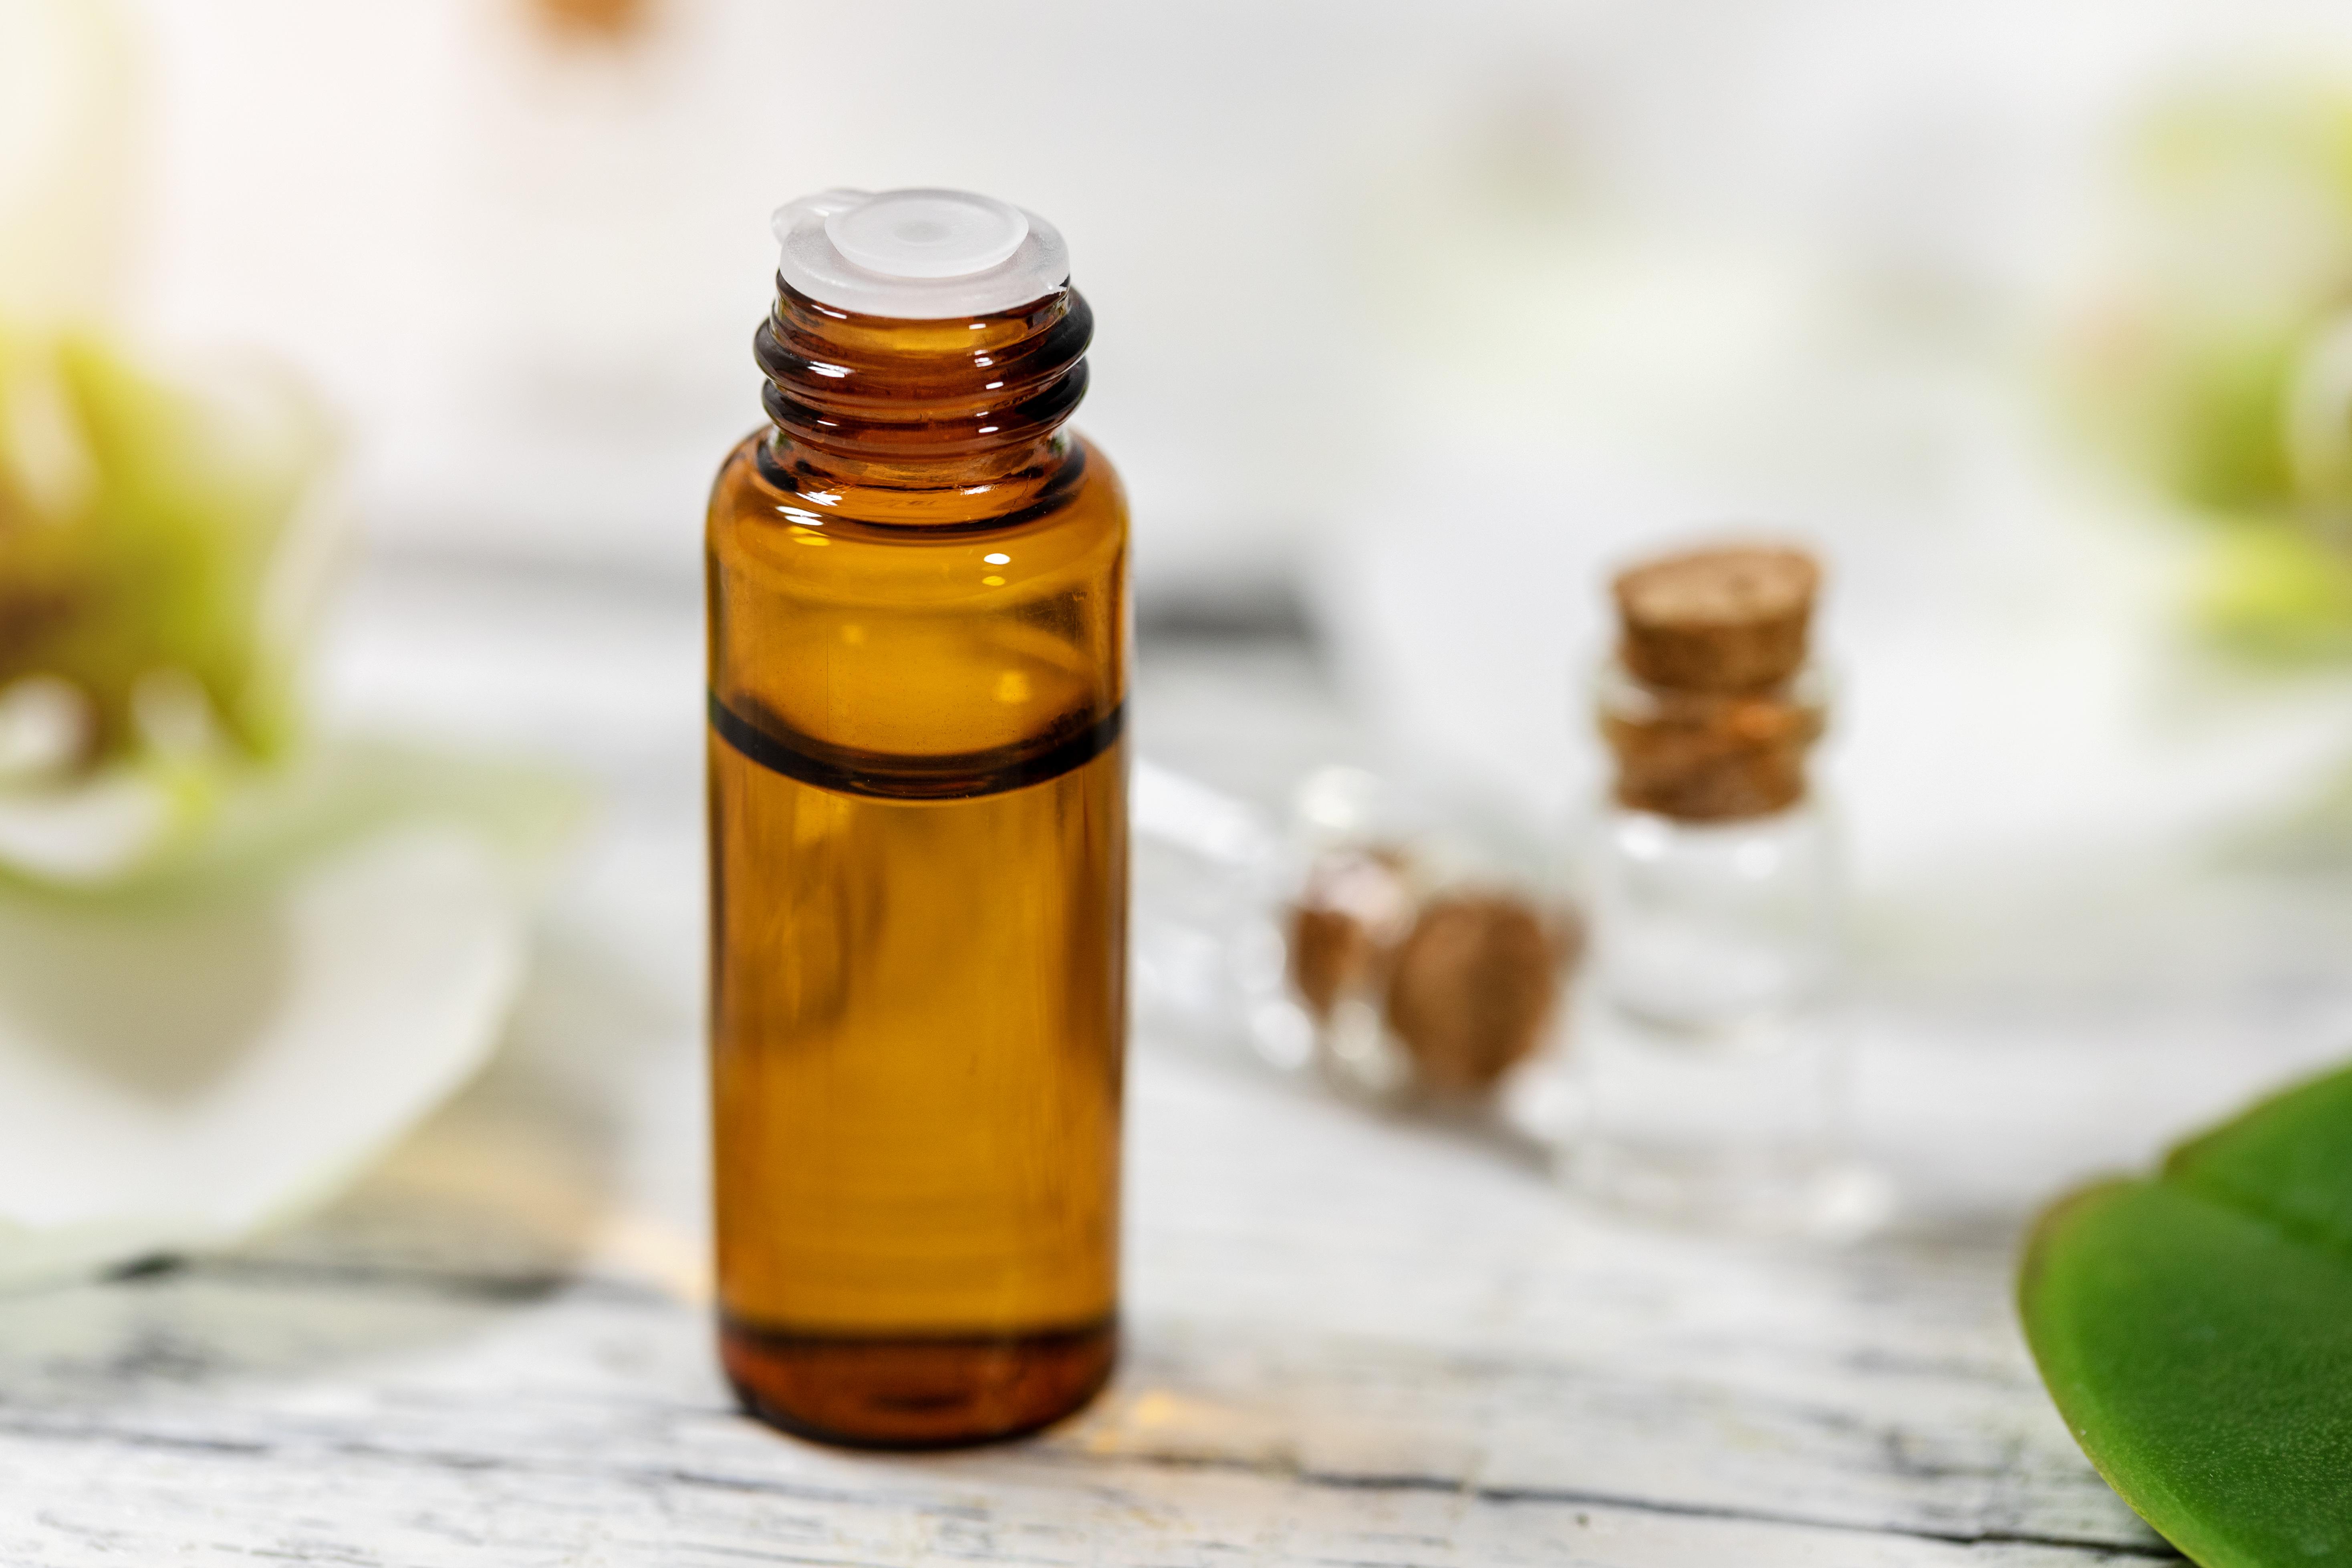 How to Apply Jojoba Oil to Facial Skin | LEAFtv